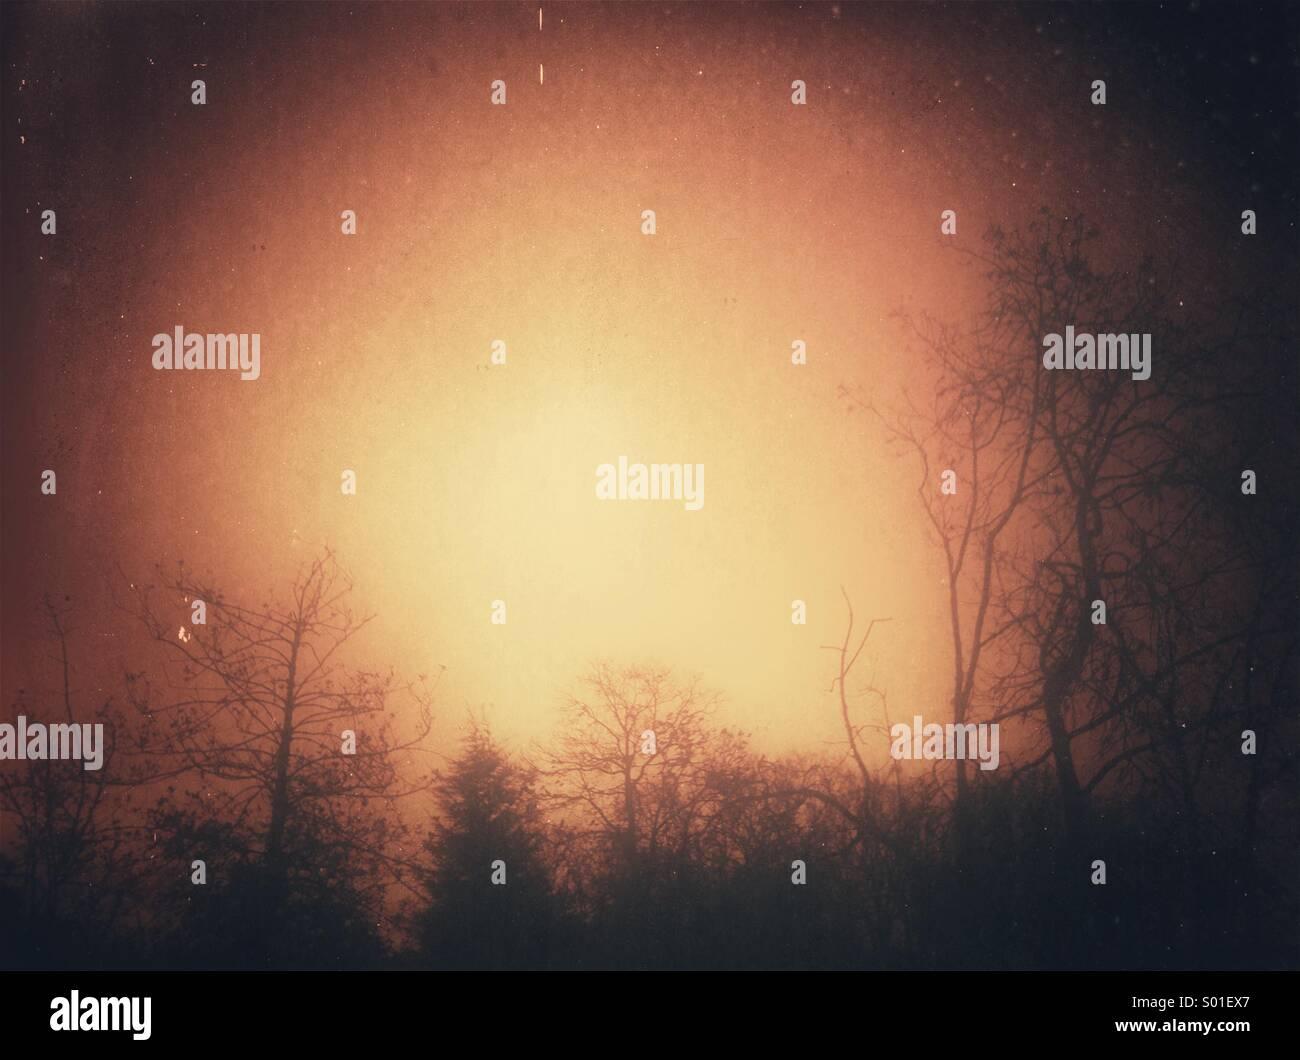 La silhouette des arbres avec effet grunge Photo Stock